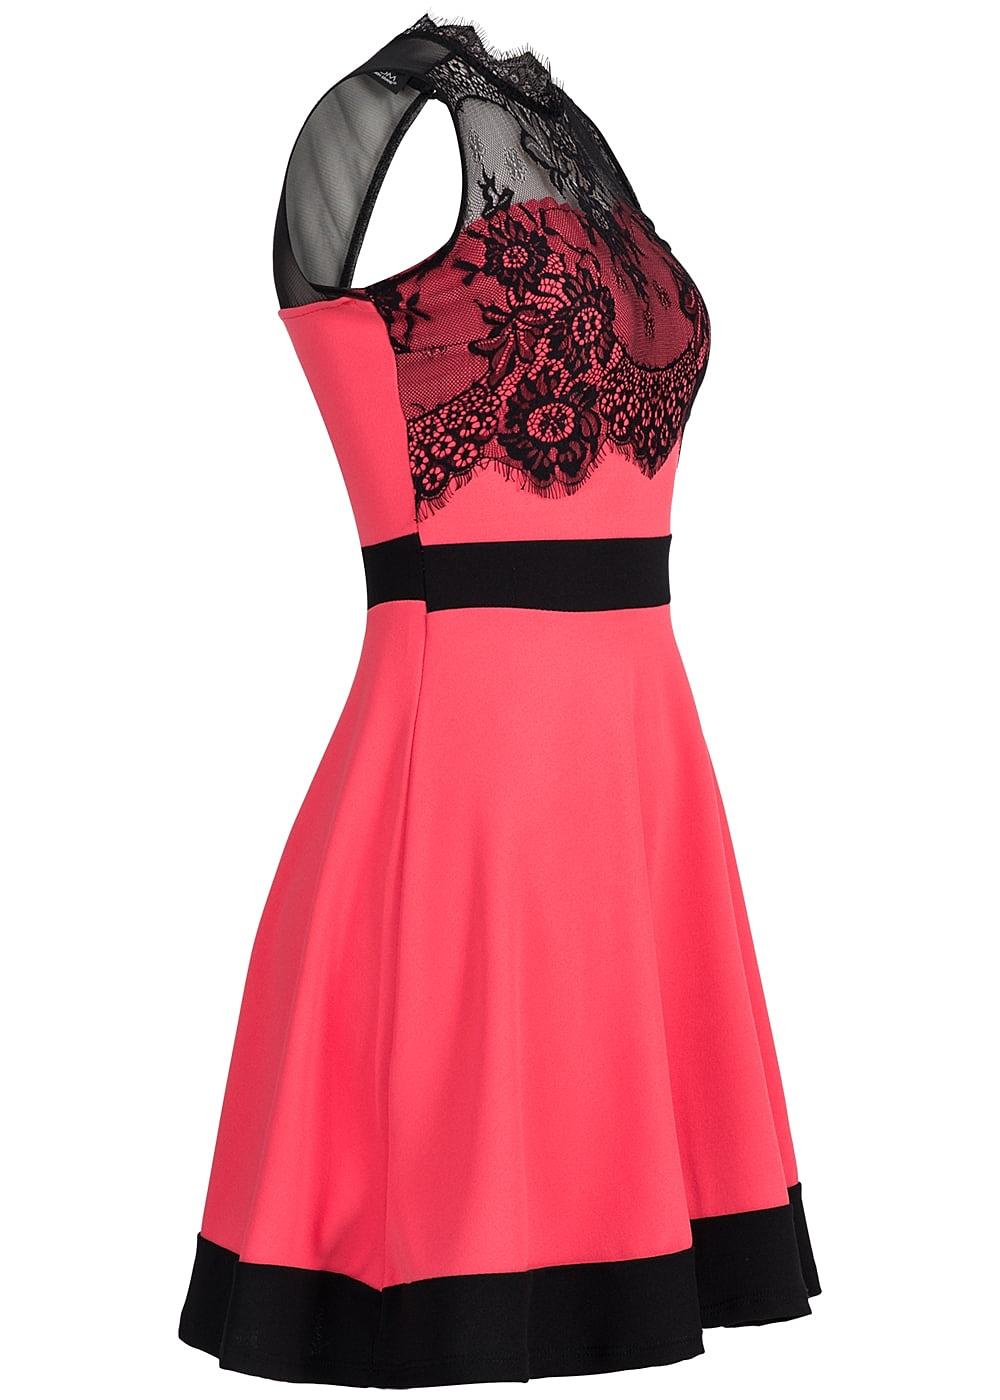 styleboom fashion damen mini kleid spitze r ckenausschnitt coral pink schwarz 77onlineshop. Black Bedroom Furniture Sets. Home Design Ideas